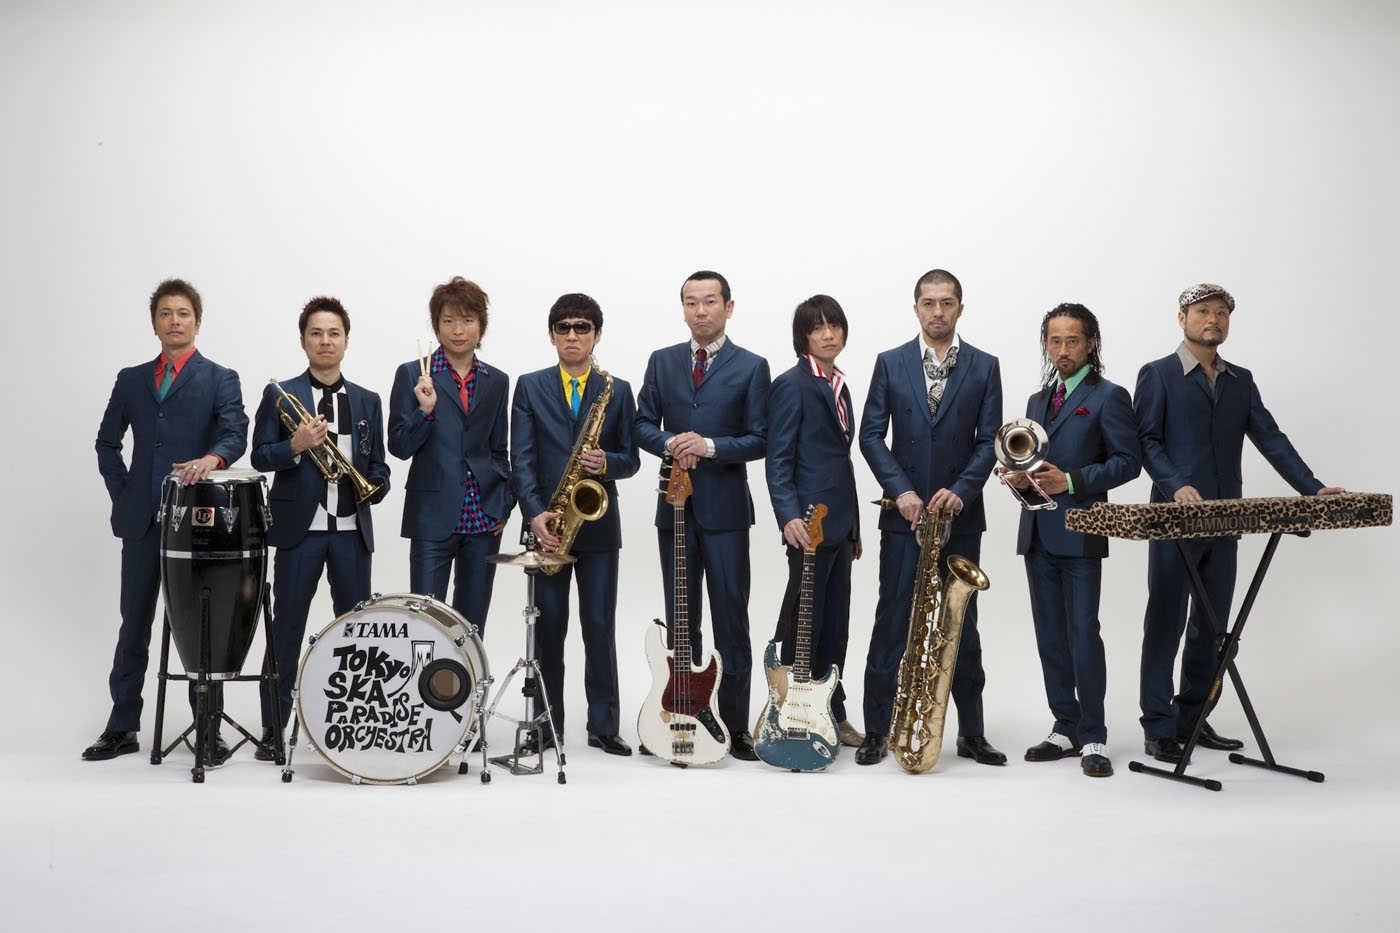 東京スカパラダイスオーケストラ1